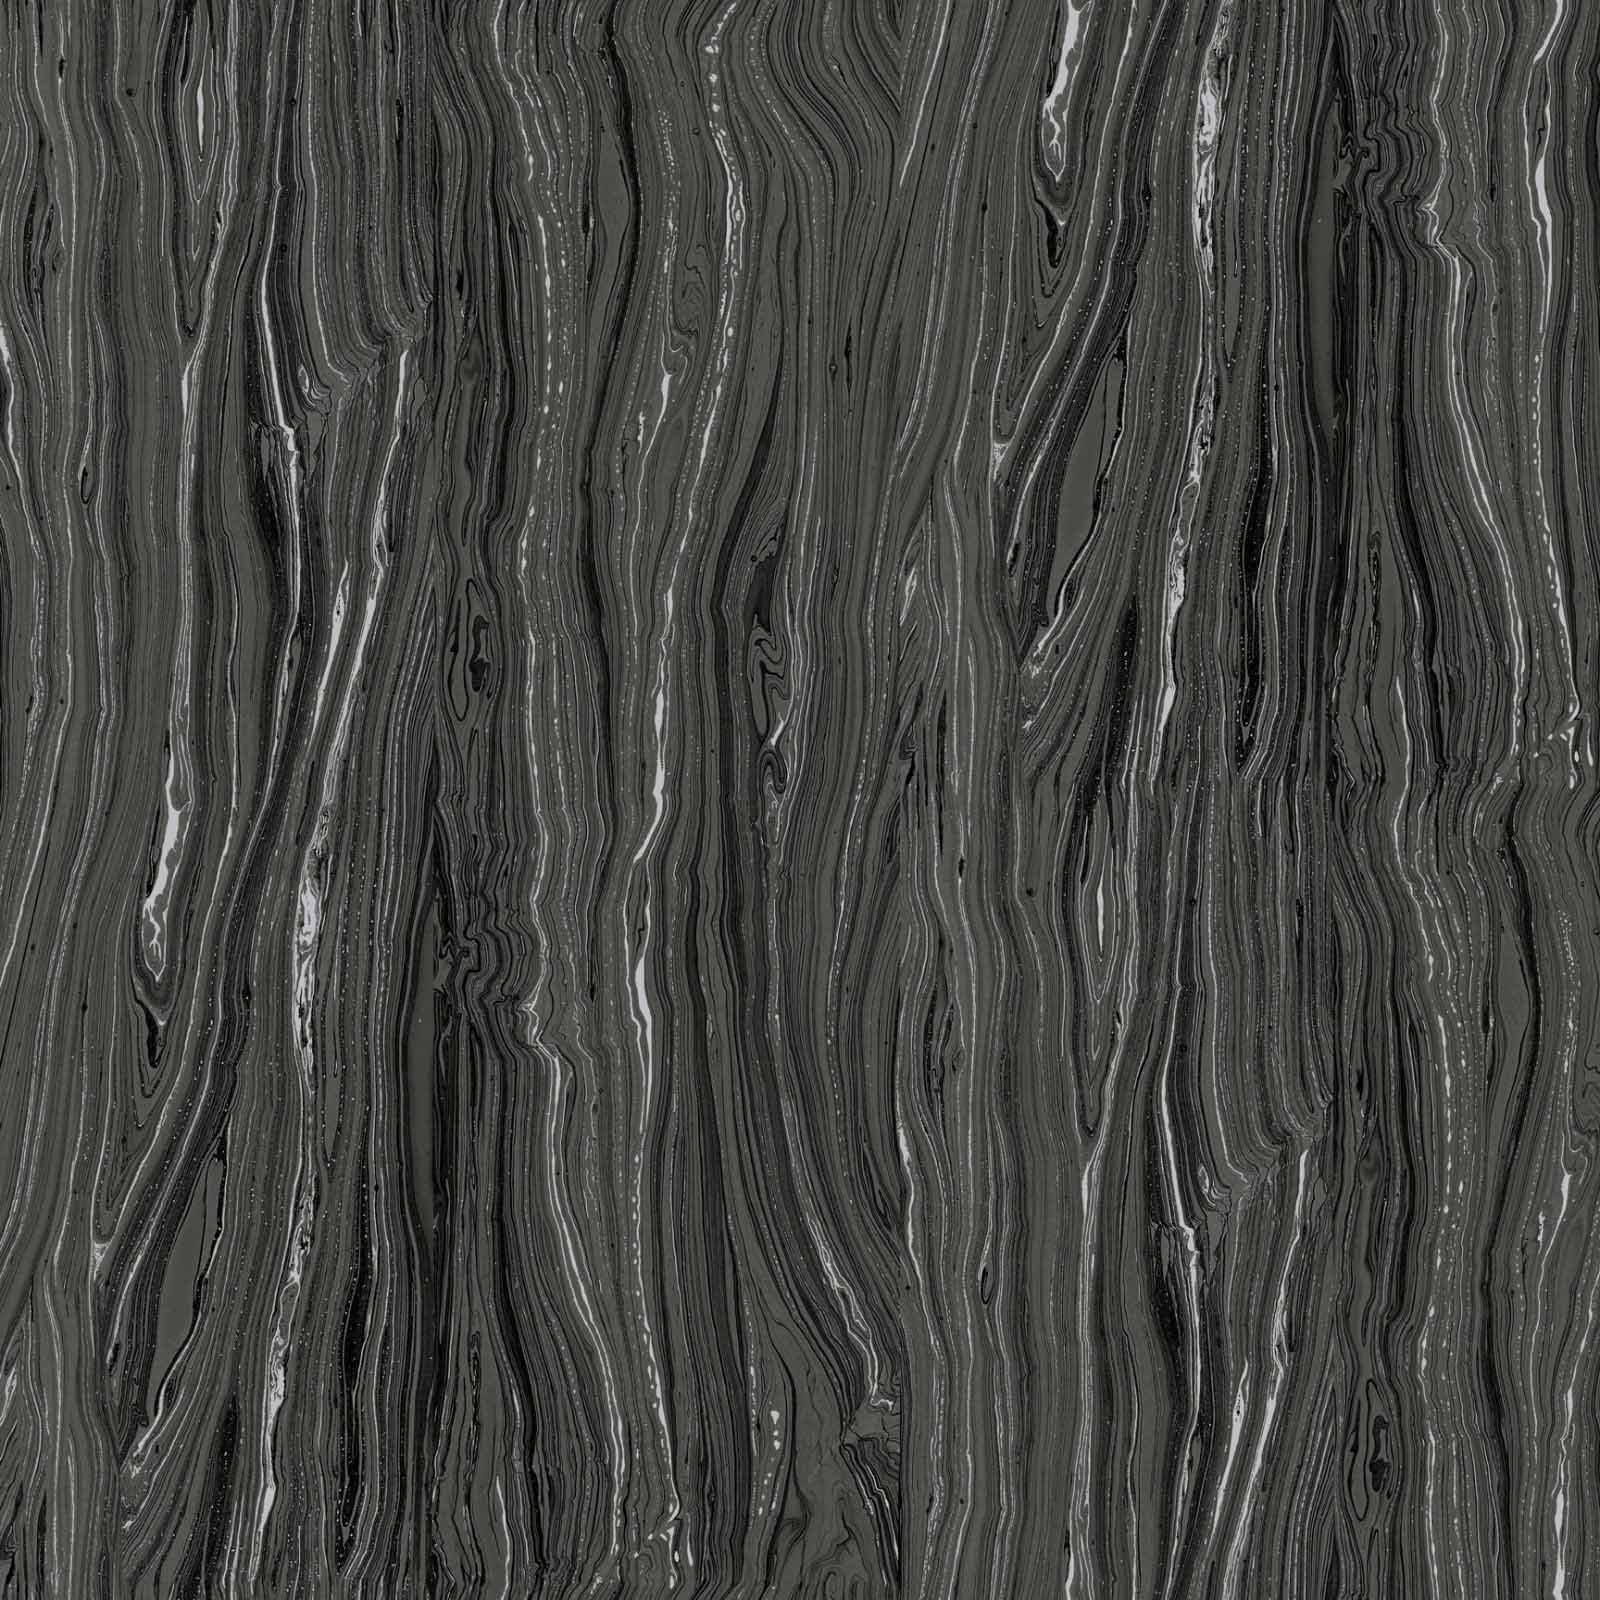 *Artisan Sandscapes-98